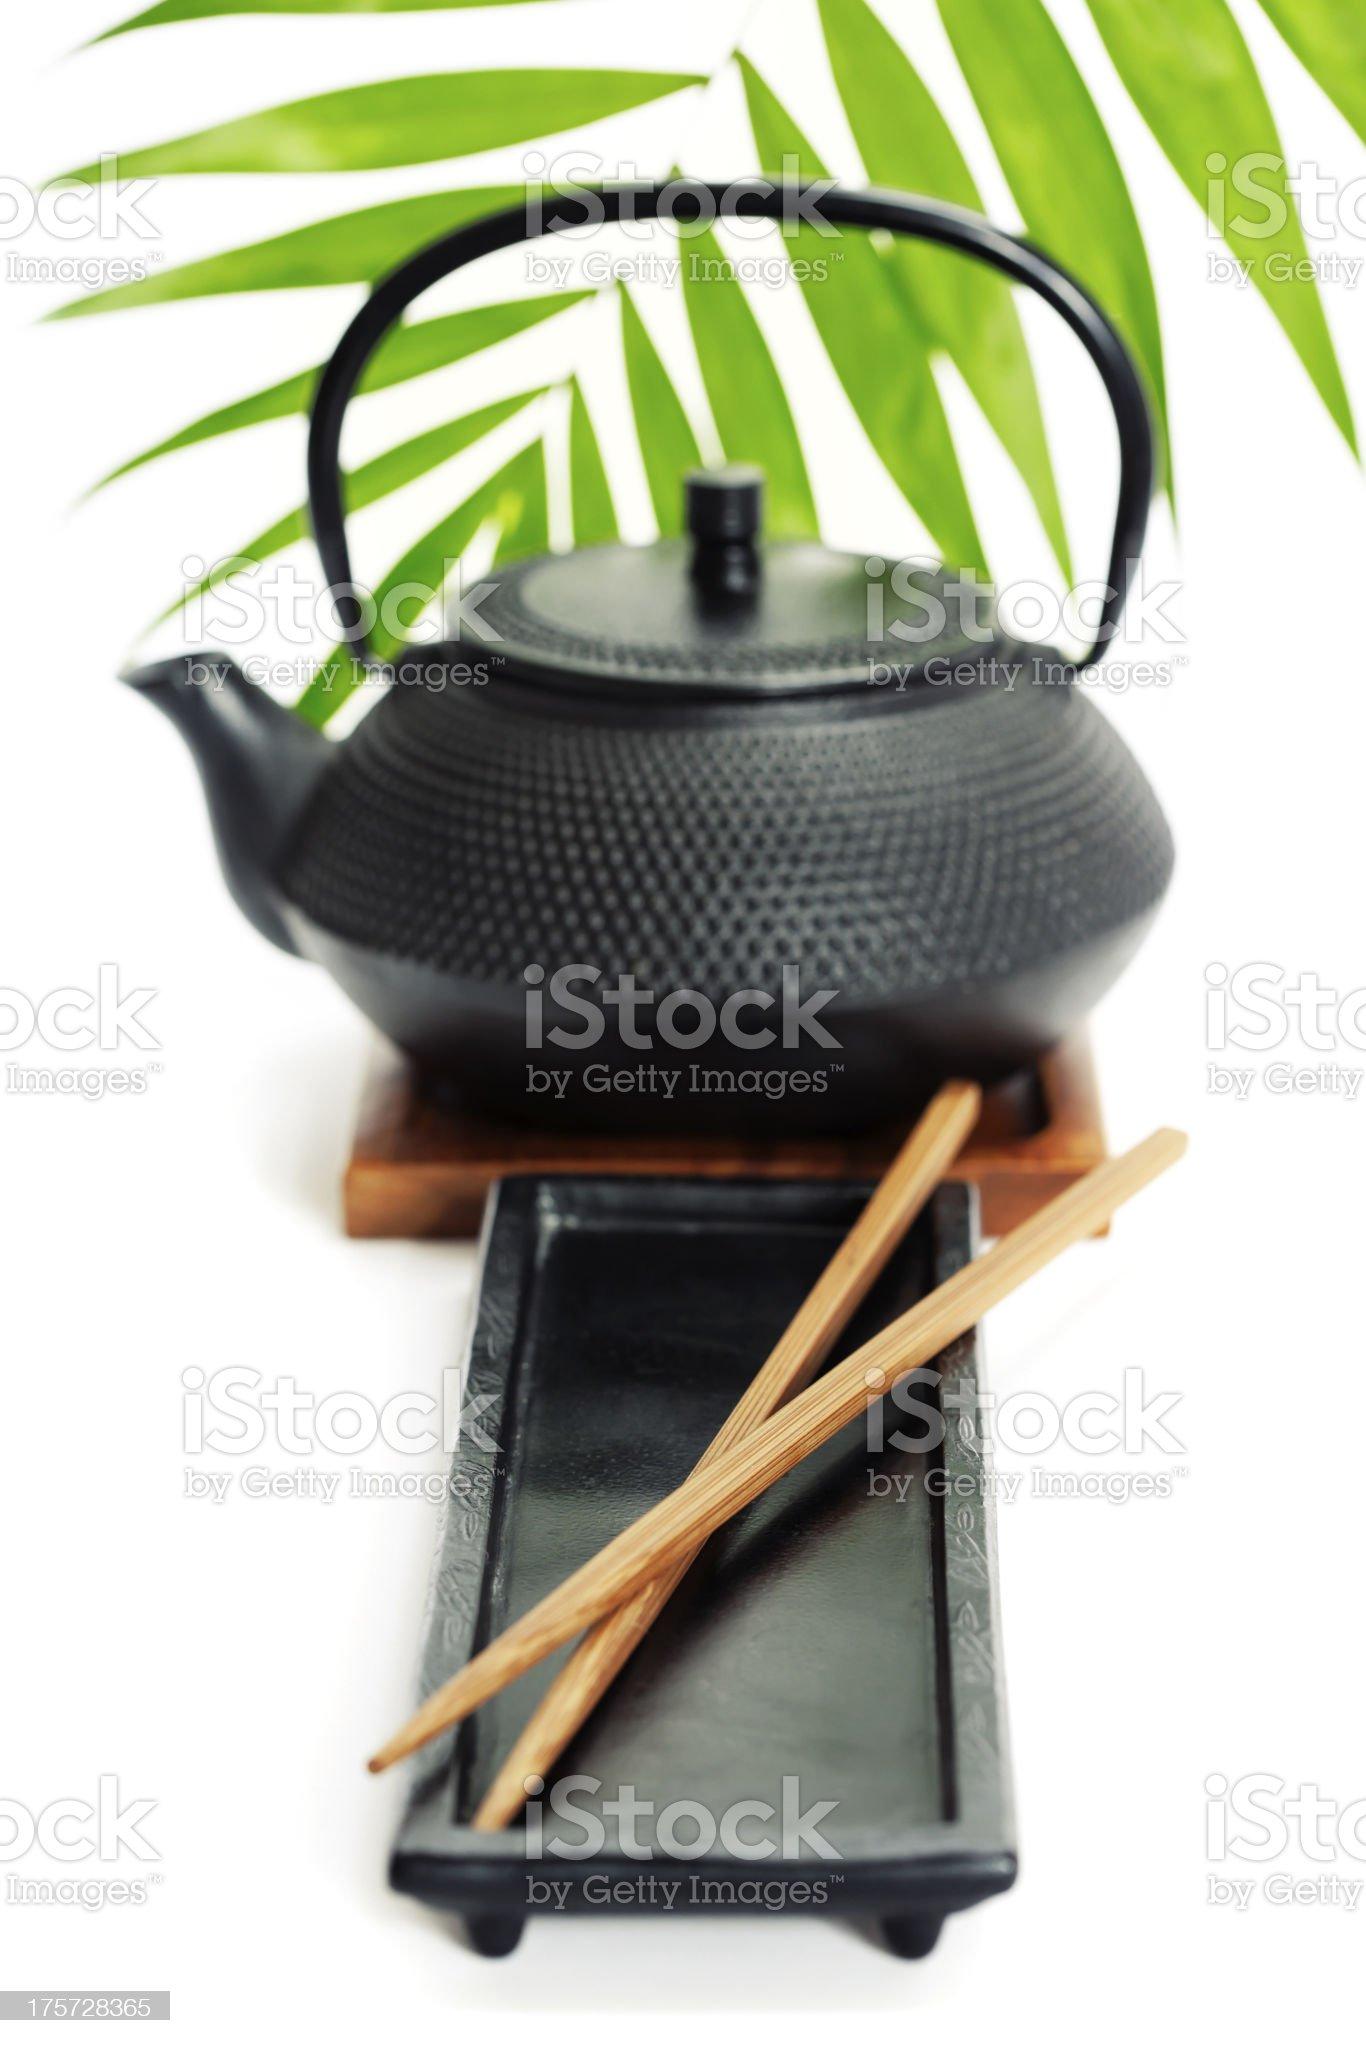 Tea pot and chopsticks royalty-free stock photo